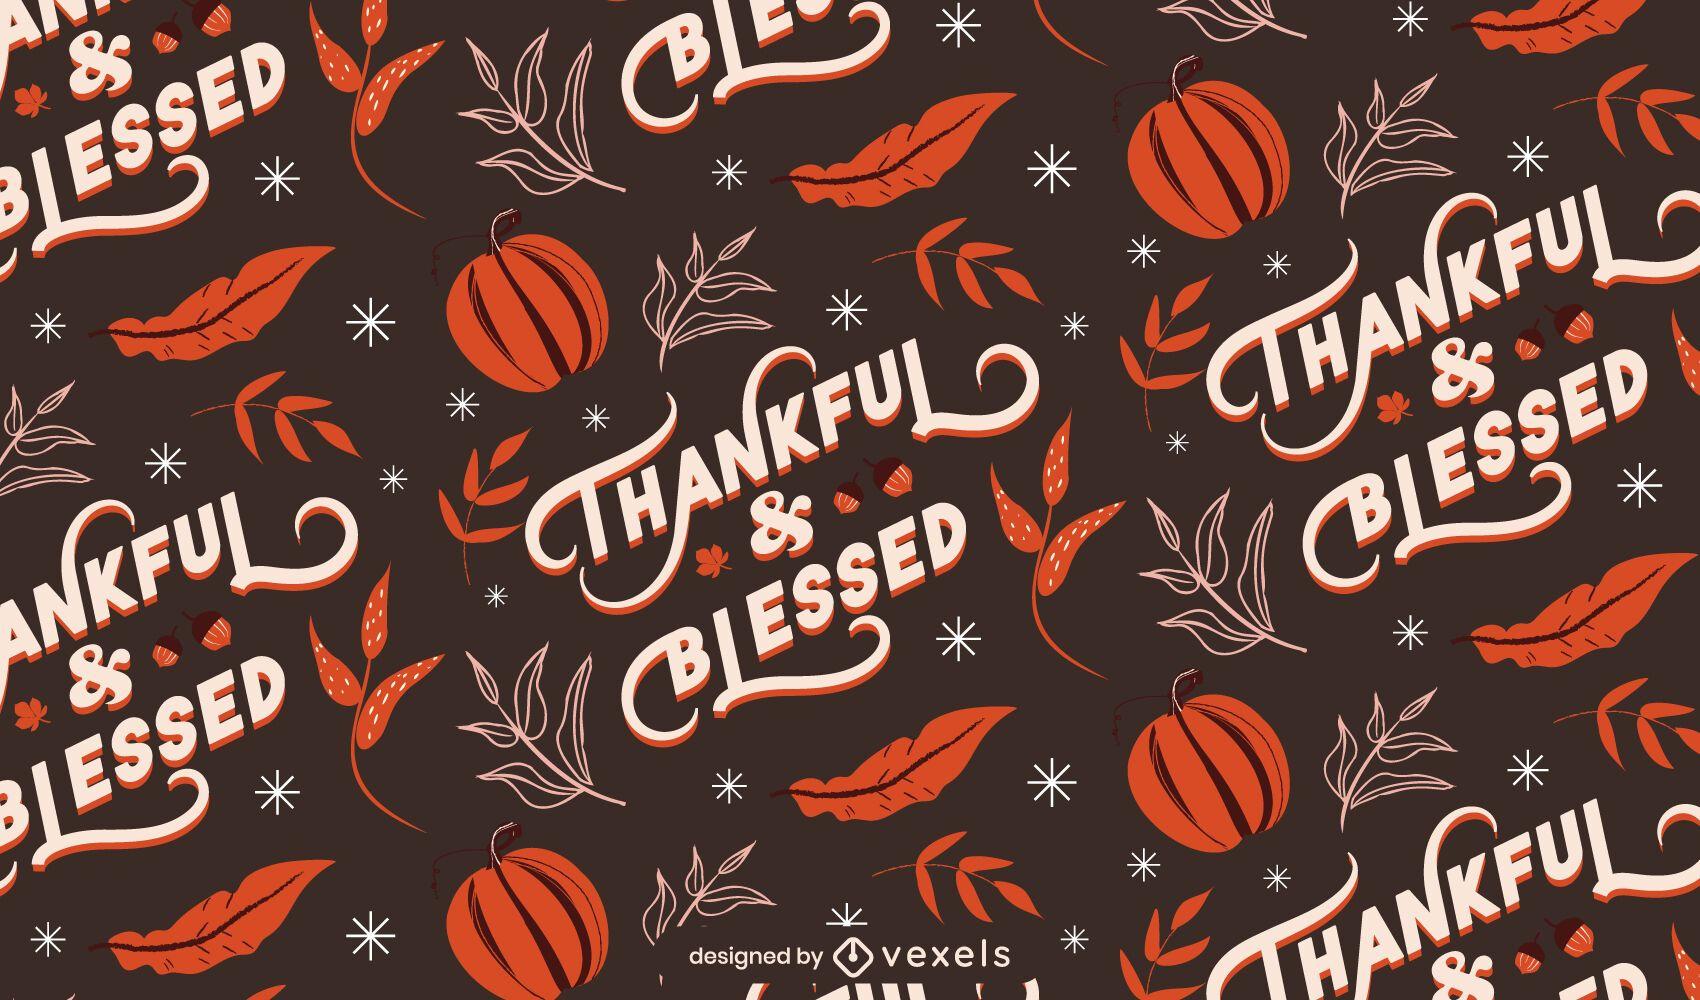 Patrón de acción de gracias bendecida agradecida